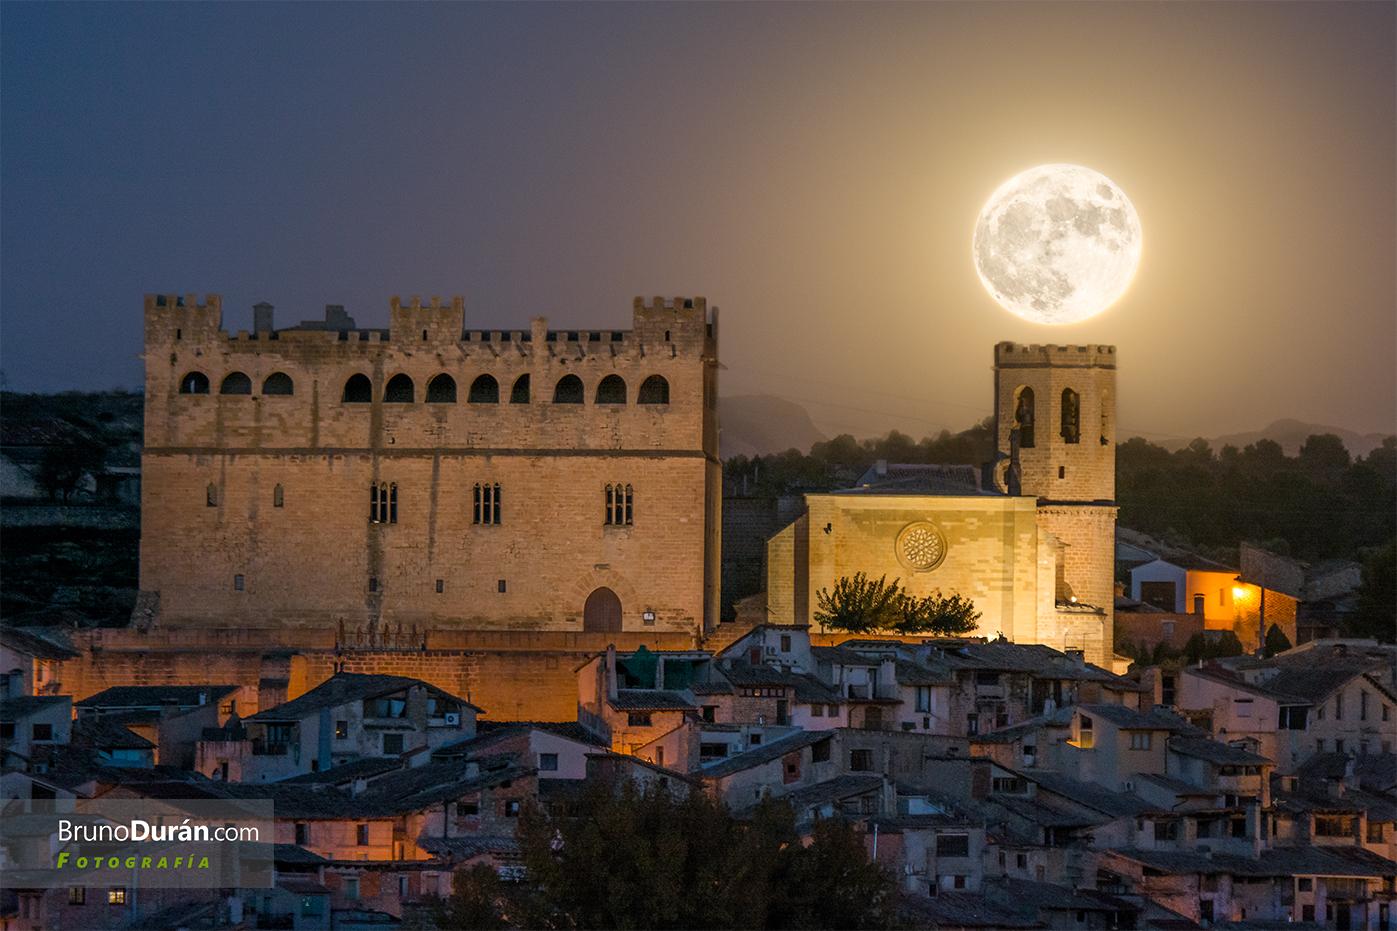 Superluna sobre Valderrobres